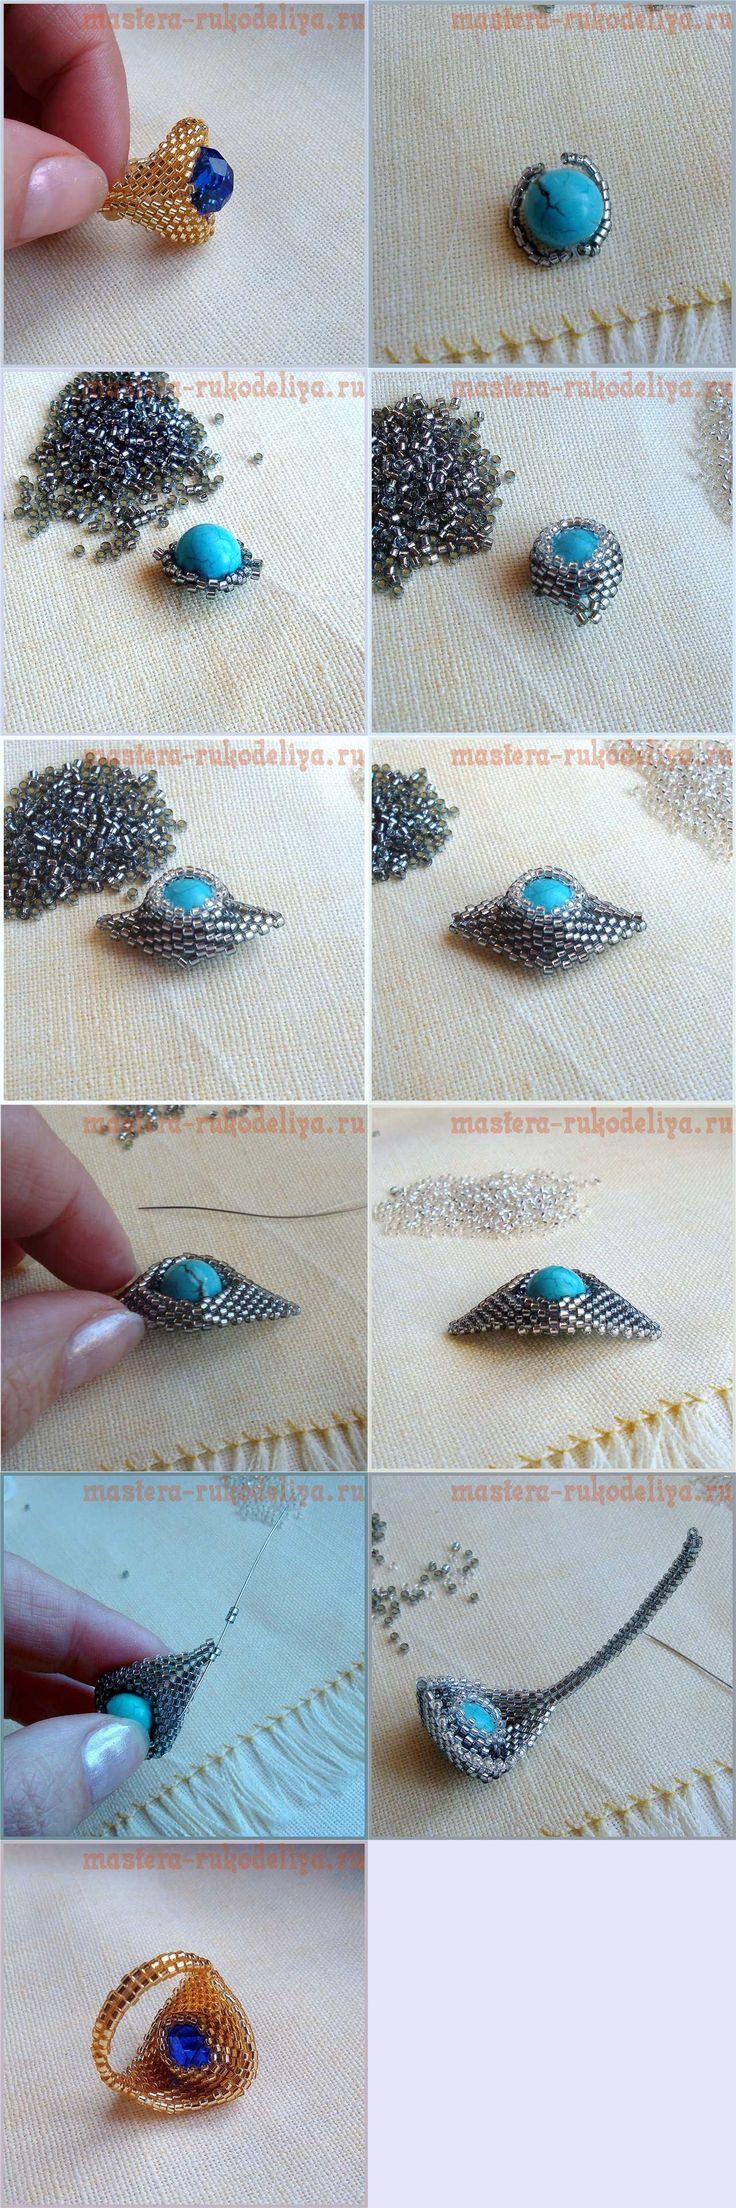 Peyote Gyűrű  Használtuk az alábbi materaly: Miyuki Delica 11/0 belső Ezüstös sötét ezüst (# 48) Gyöngyök Miyuki 15/0 belső ezüst ezüst (# 325) Lesko 0,1 mm. Türkiz gyöngy átmérője körülbelül 1 cm-es